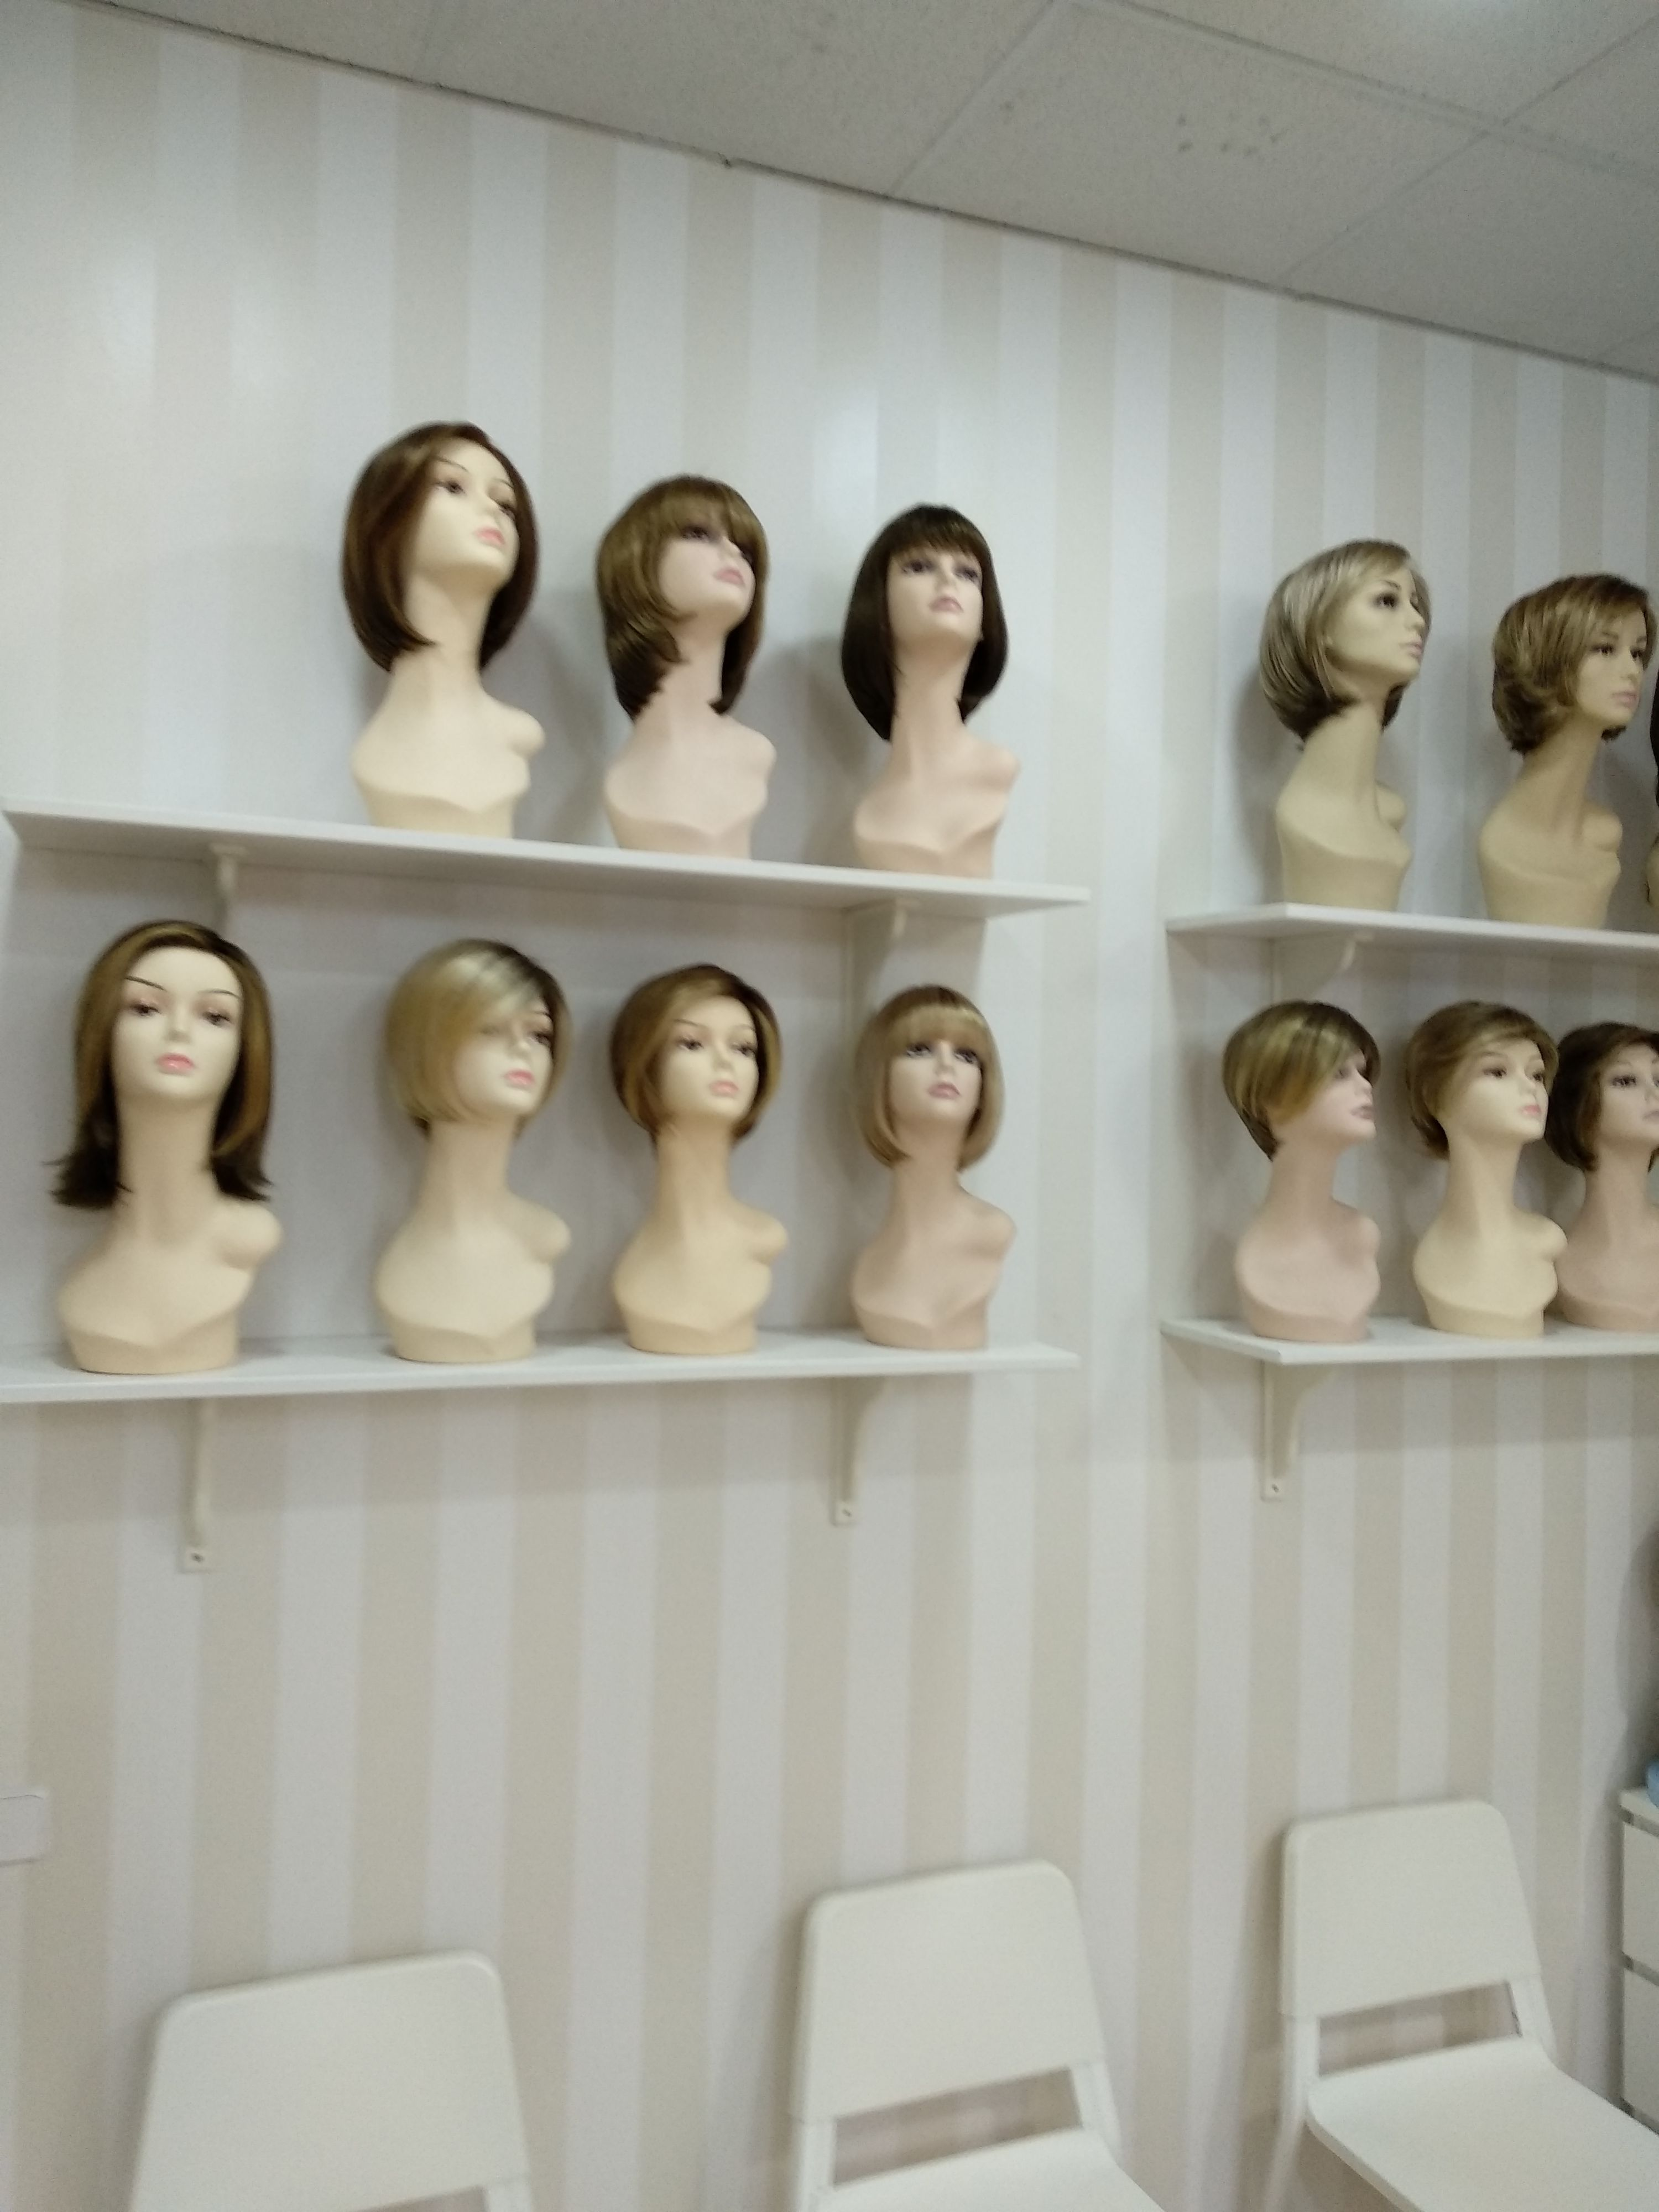 Picture 6 of Pelucas y extensiones in Alcalá de Henares | SensiBelle Beauty Hair